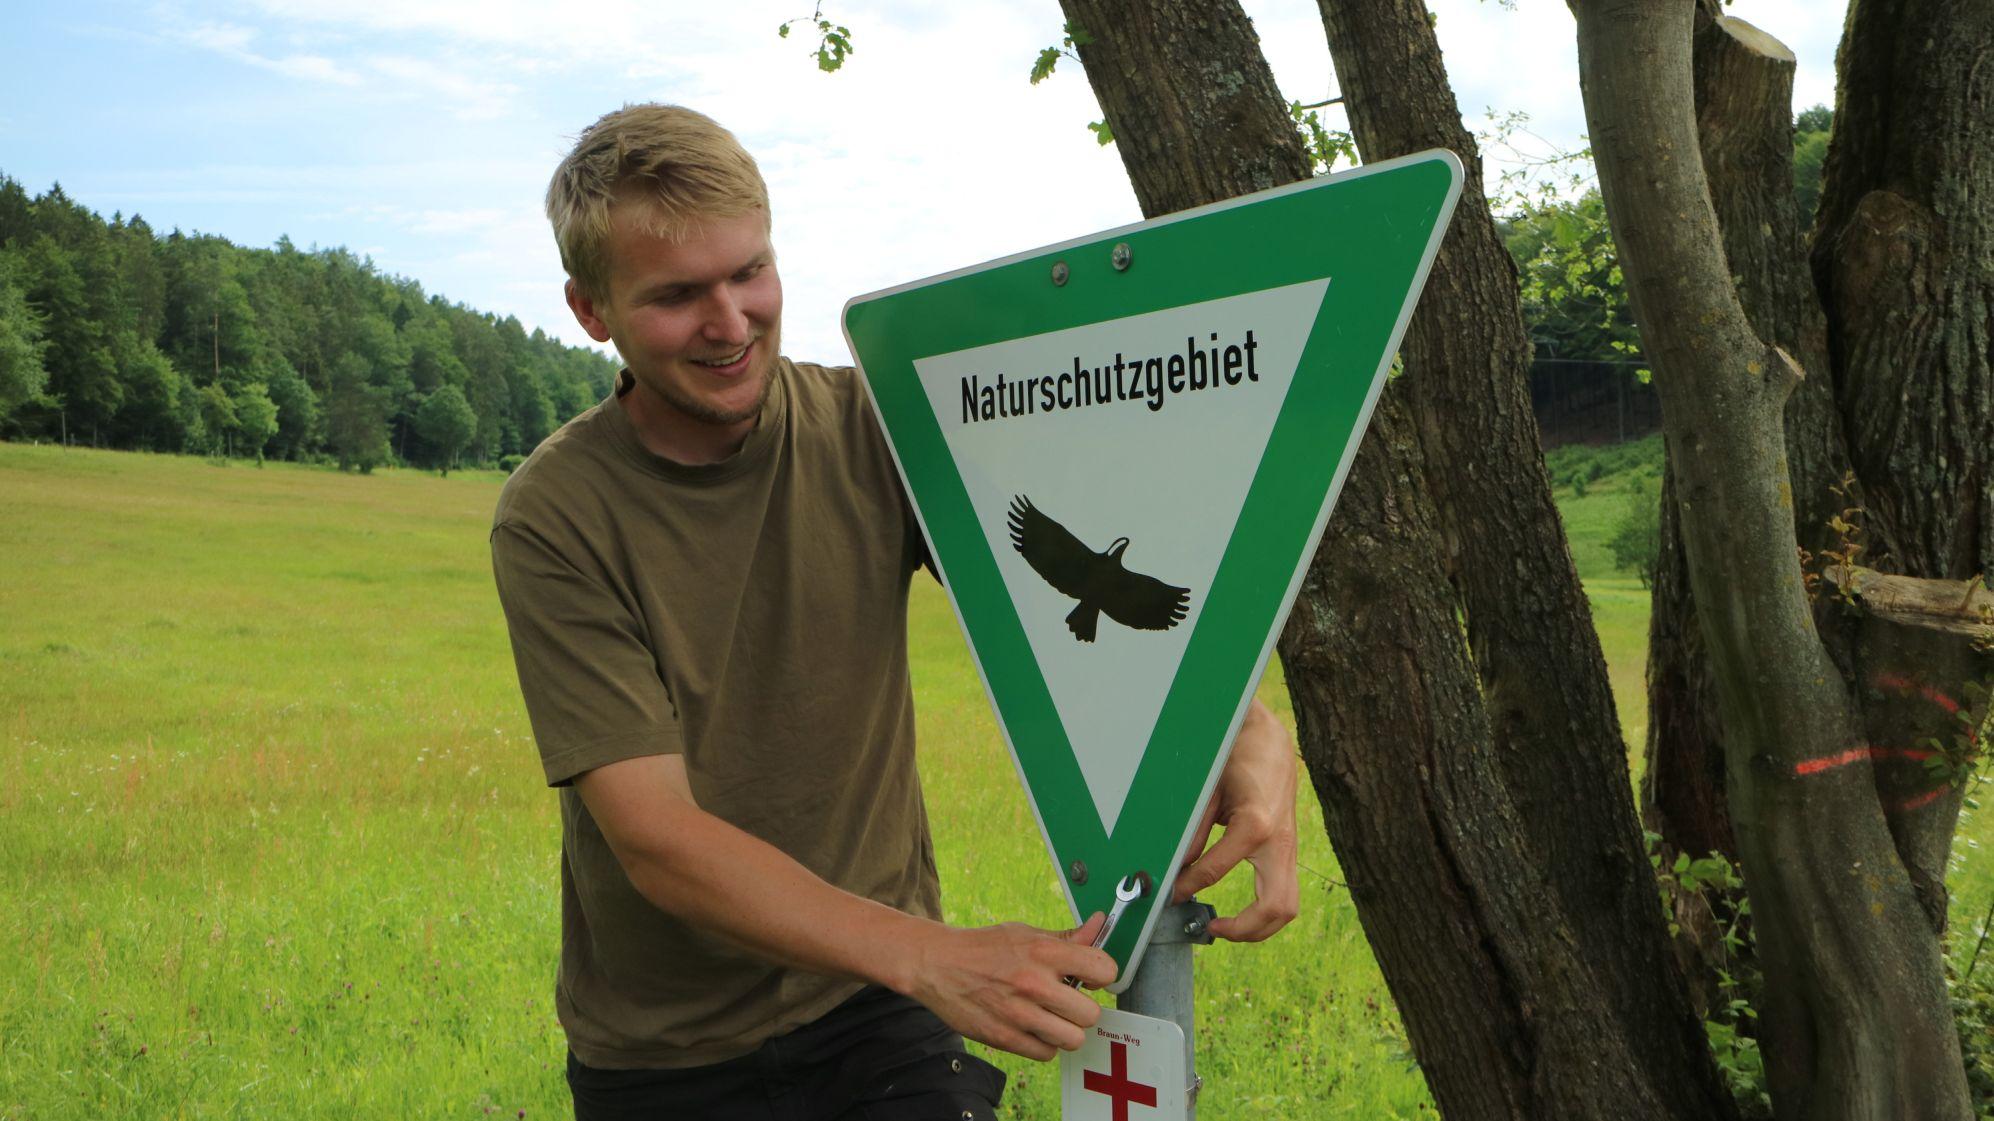 Ranger Andreas Schätzlein bei der Kontrolle eines Schutzgebiets